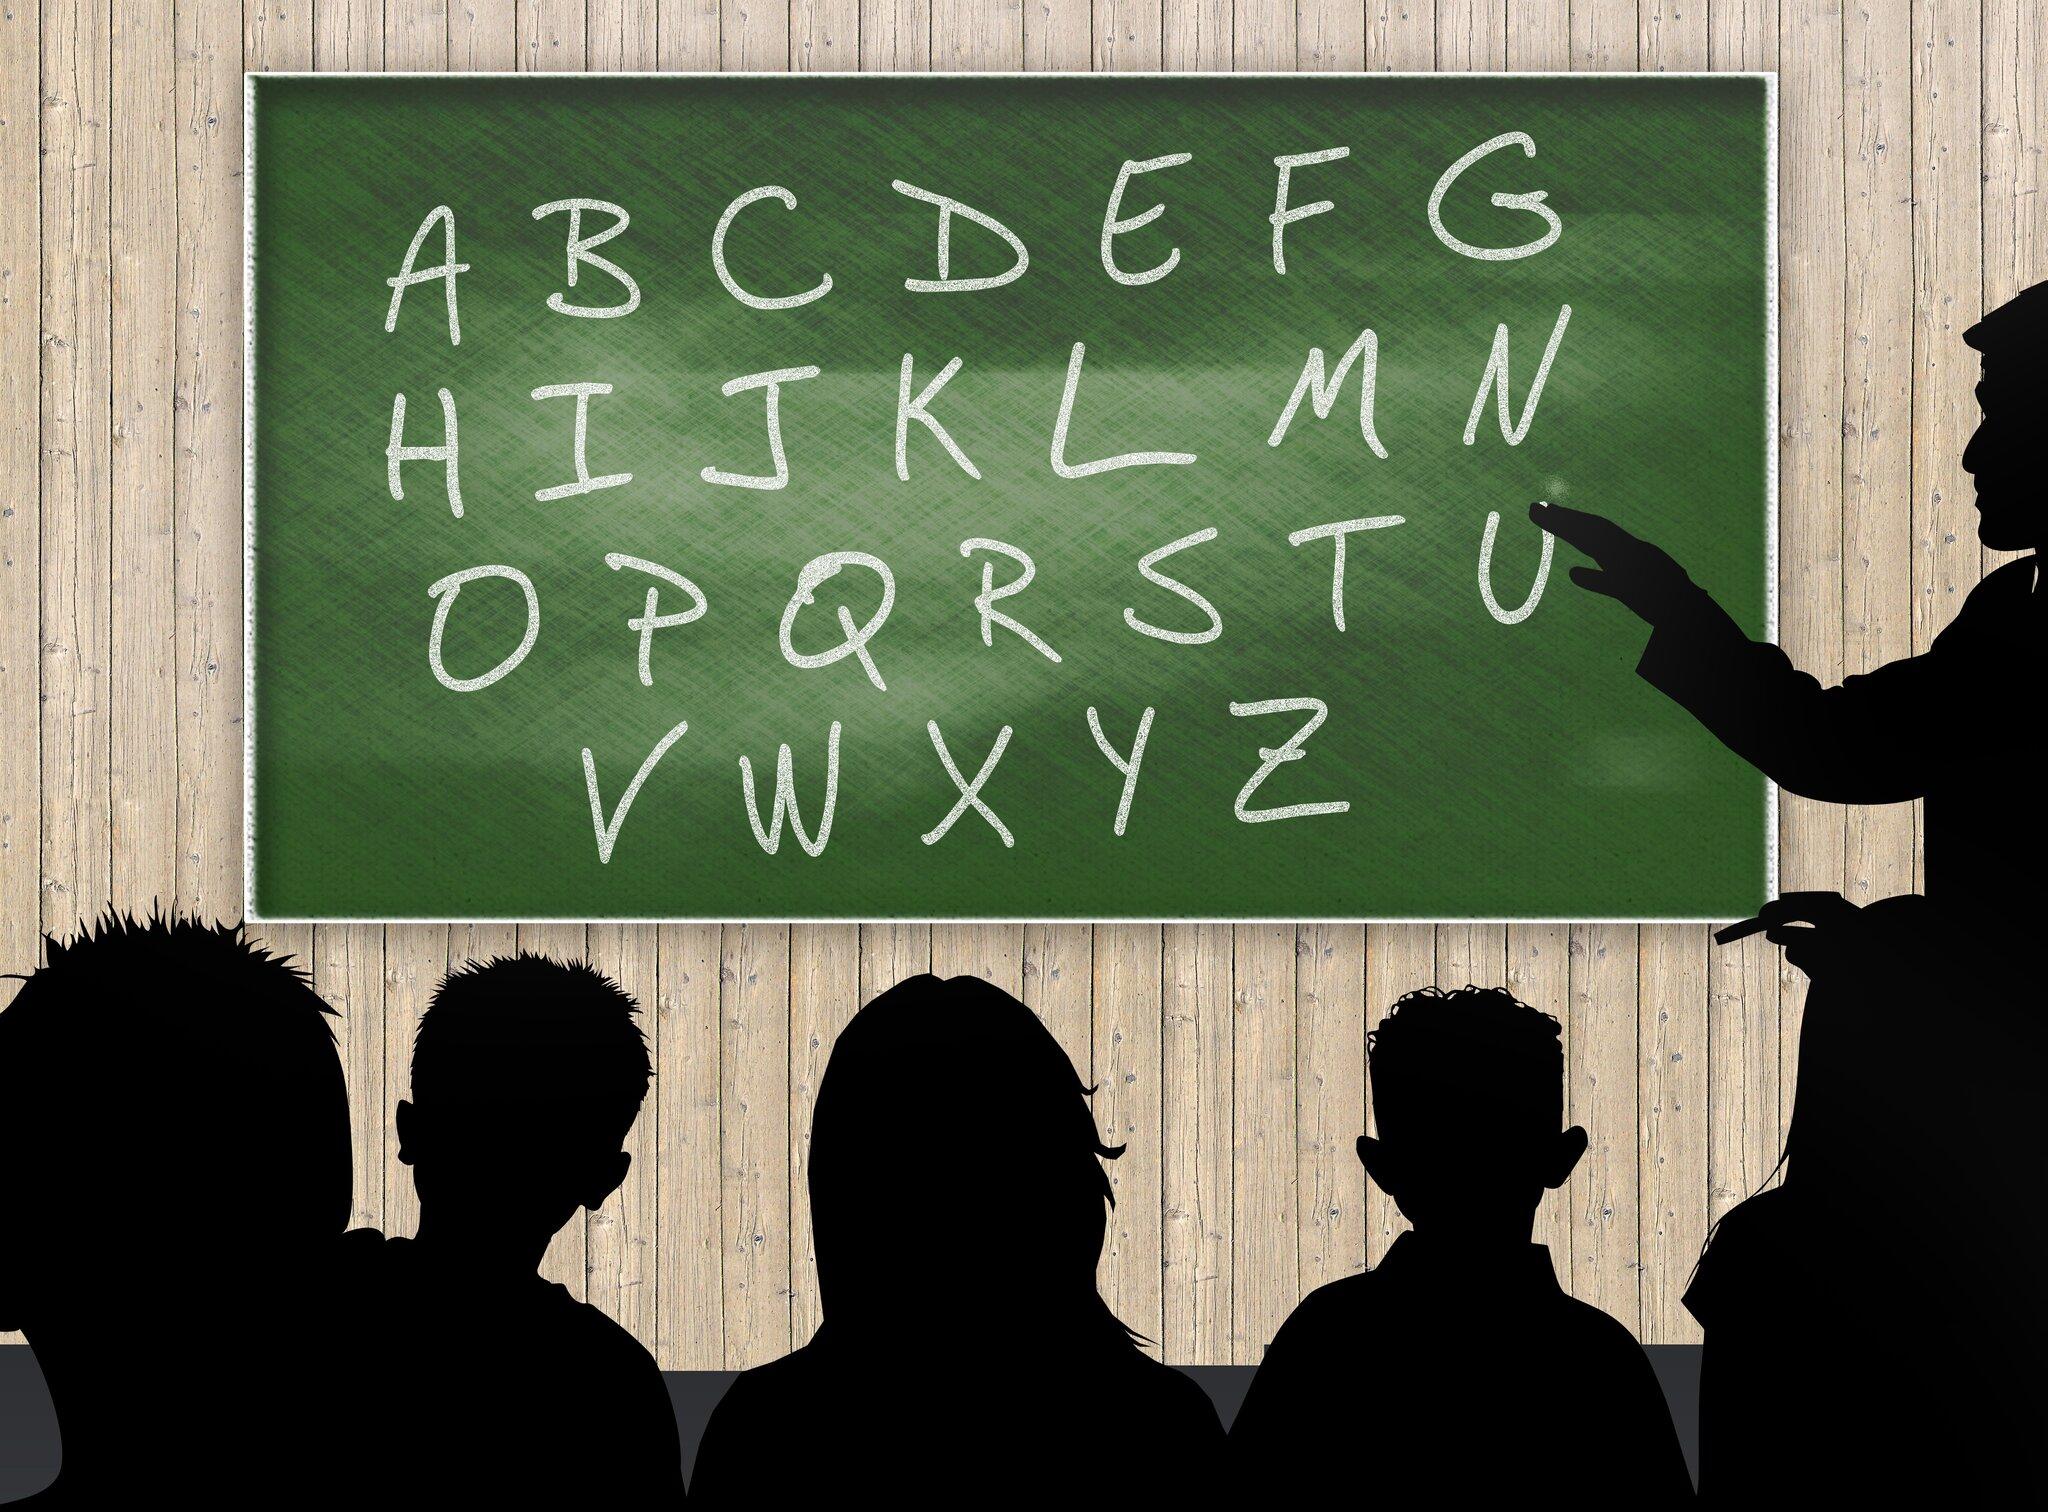 Nauczyciel_intro Źródło: www.pixabay.com, domena publiczna.